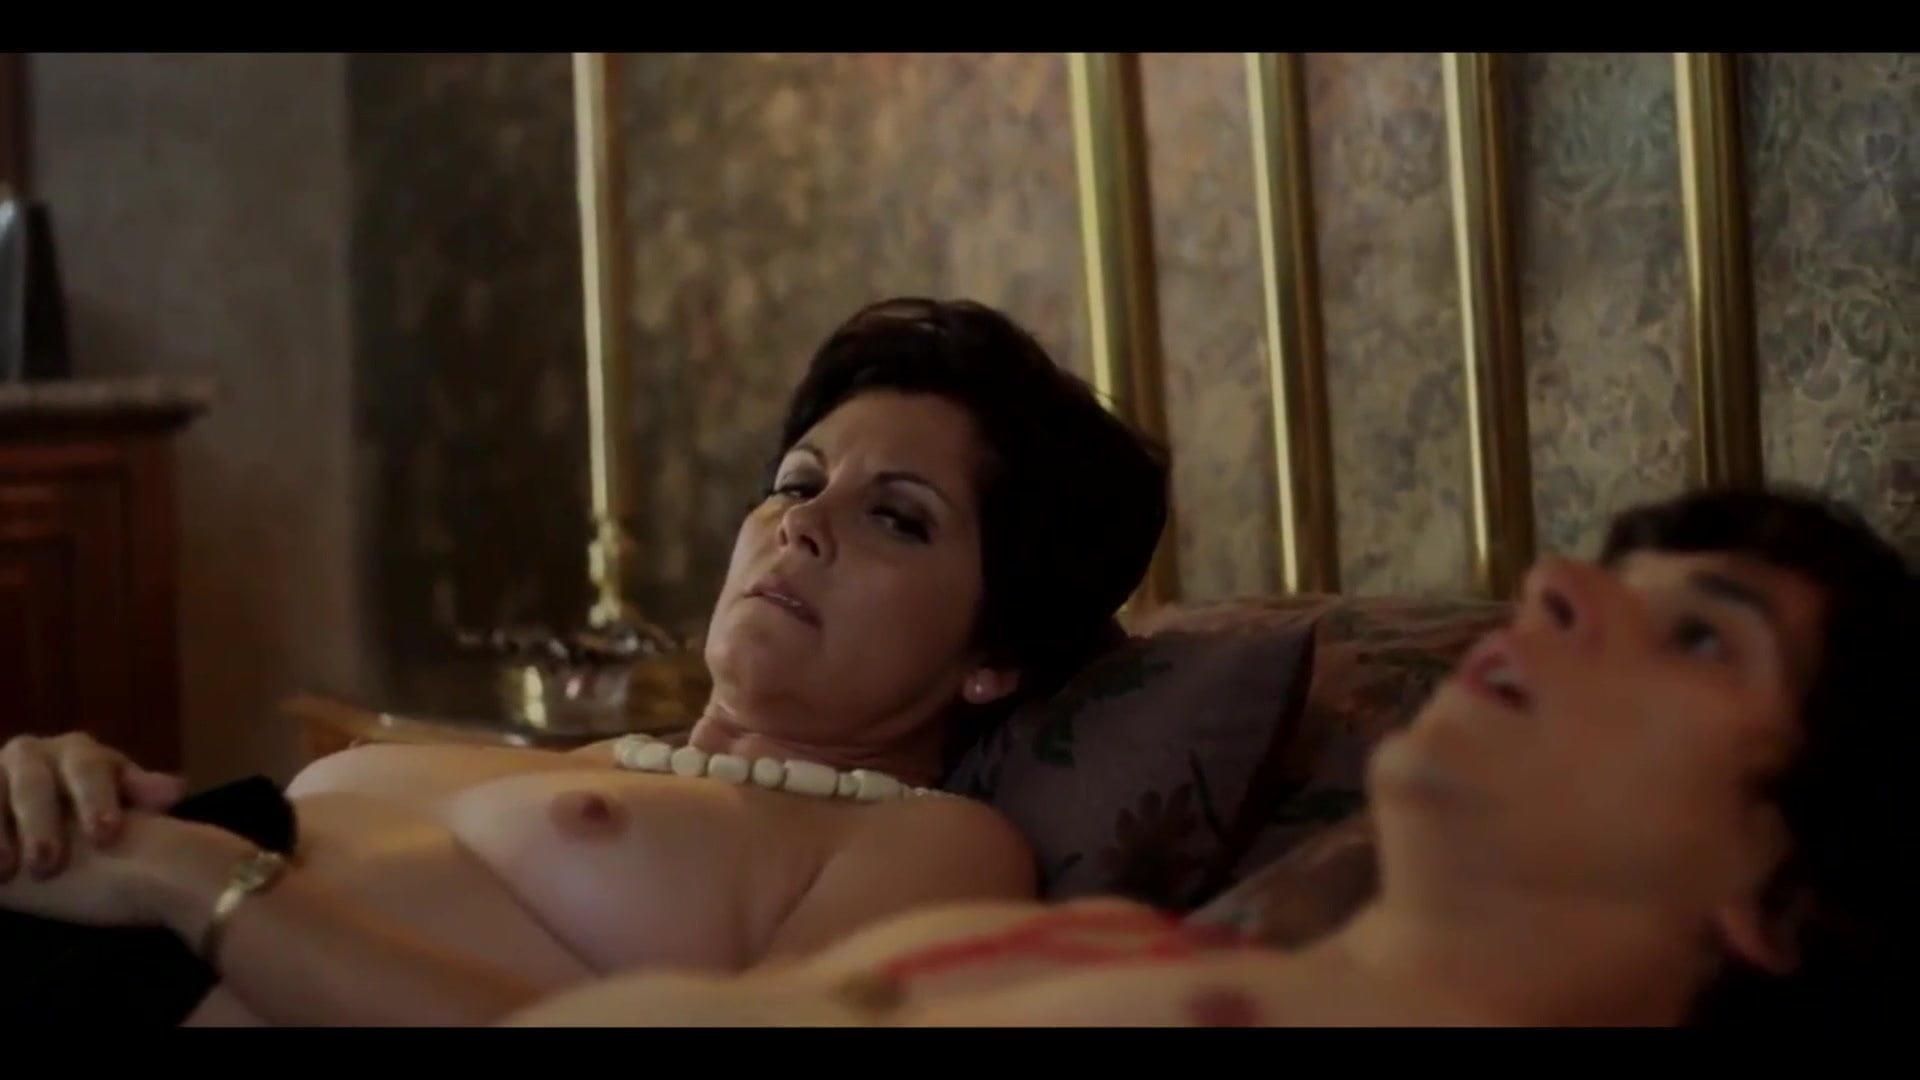 Mother Son Sex Kino